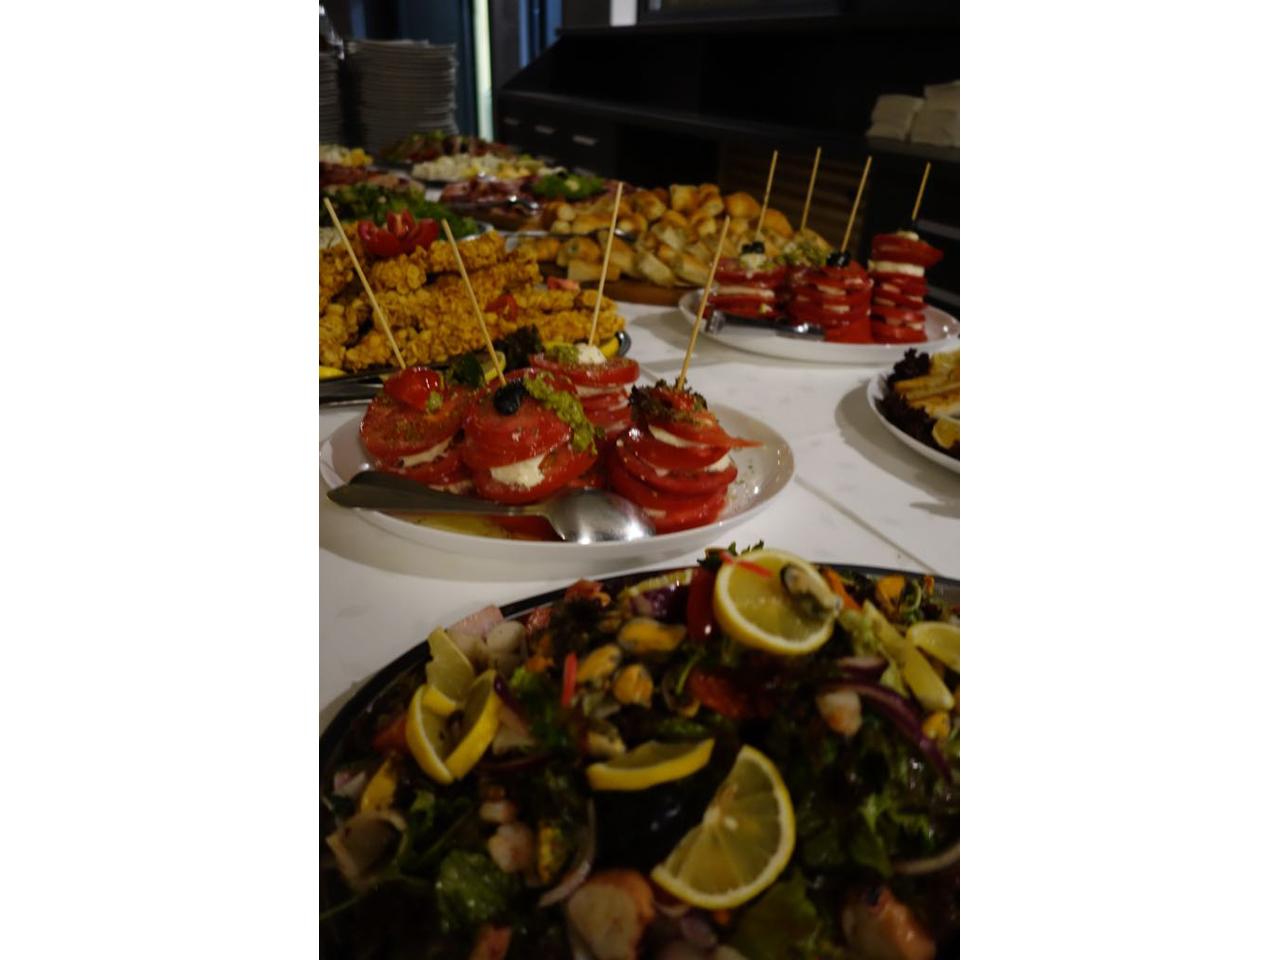 Varadero bar vegetarian restaurants macrobiotic food for Bar food vegetarian